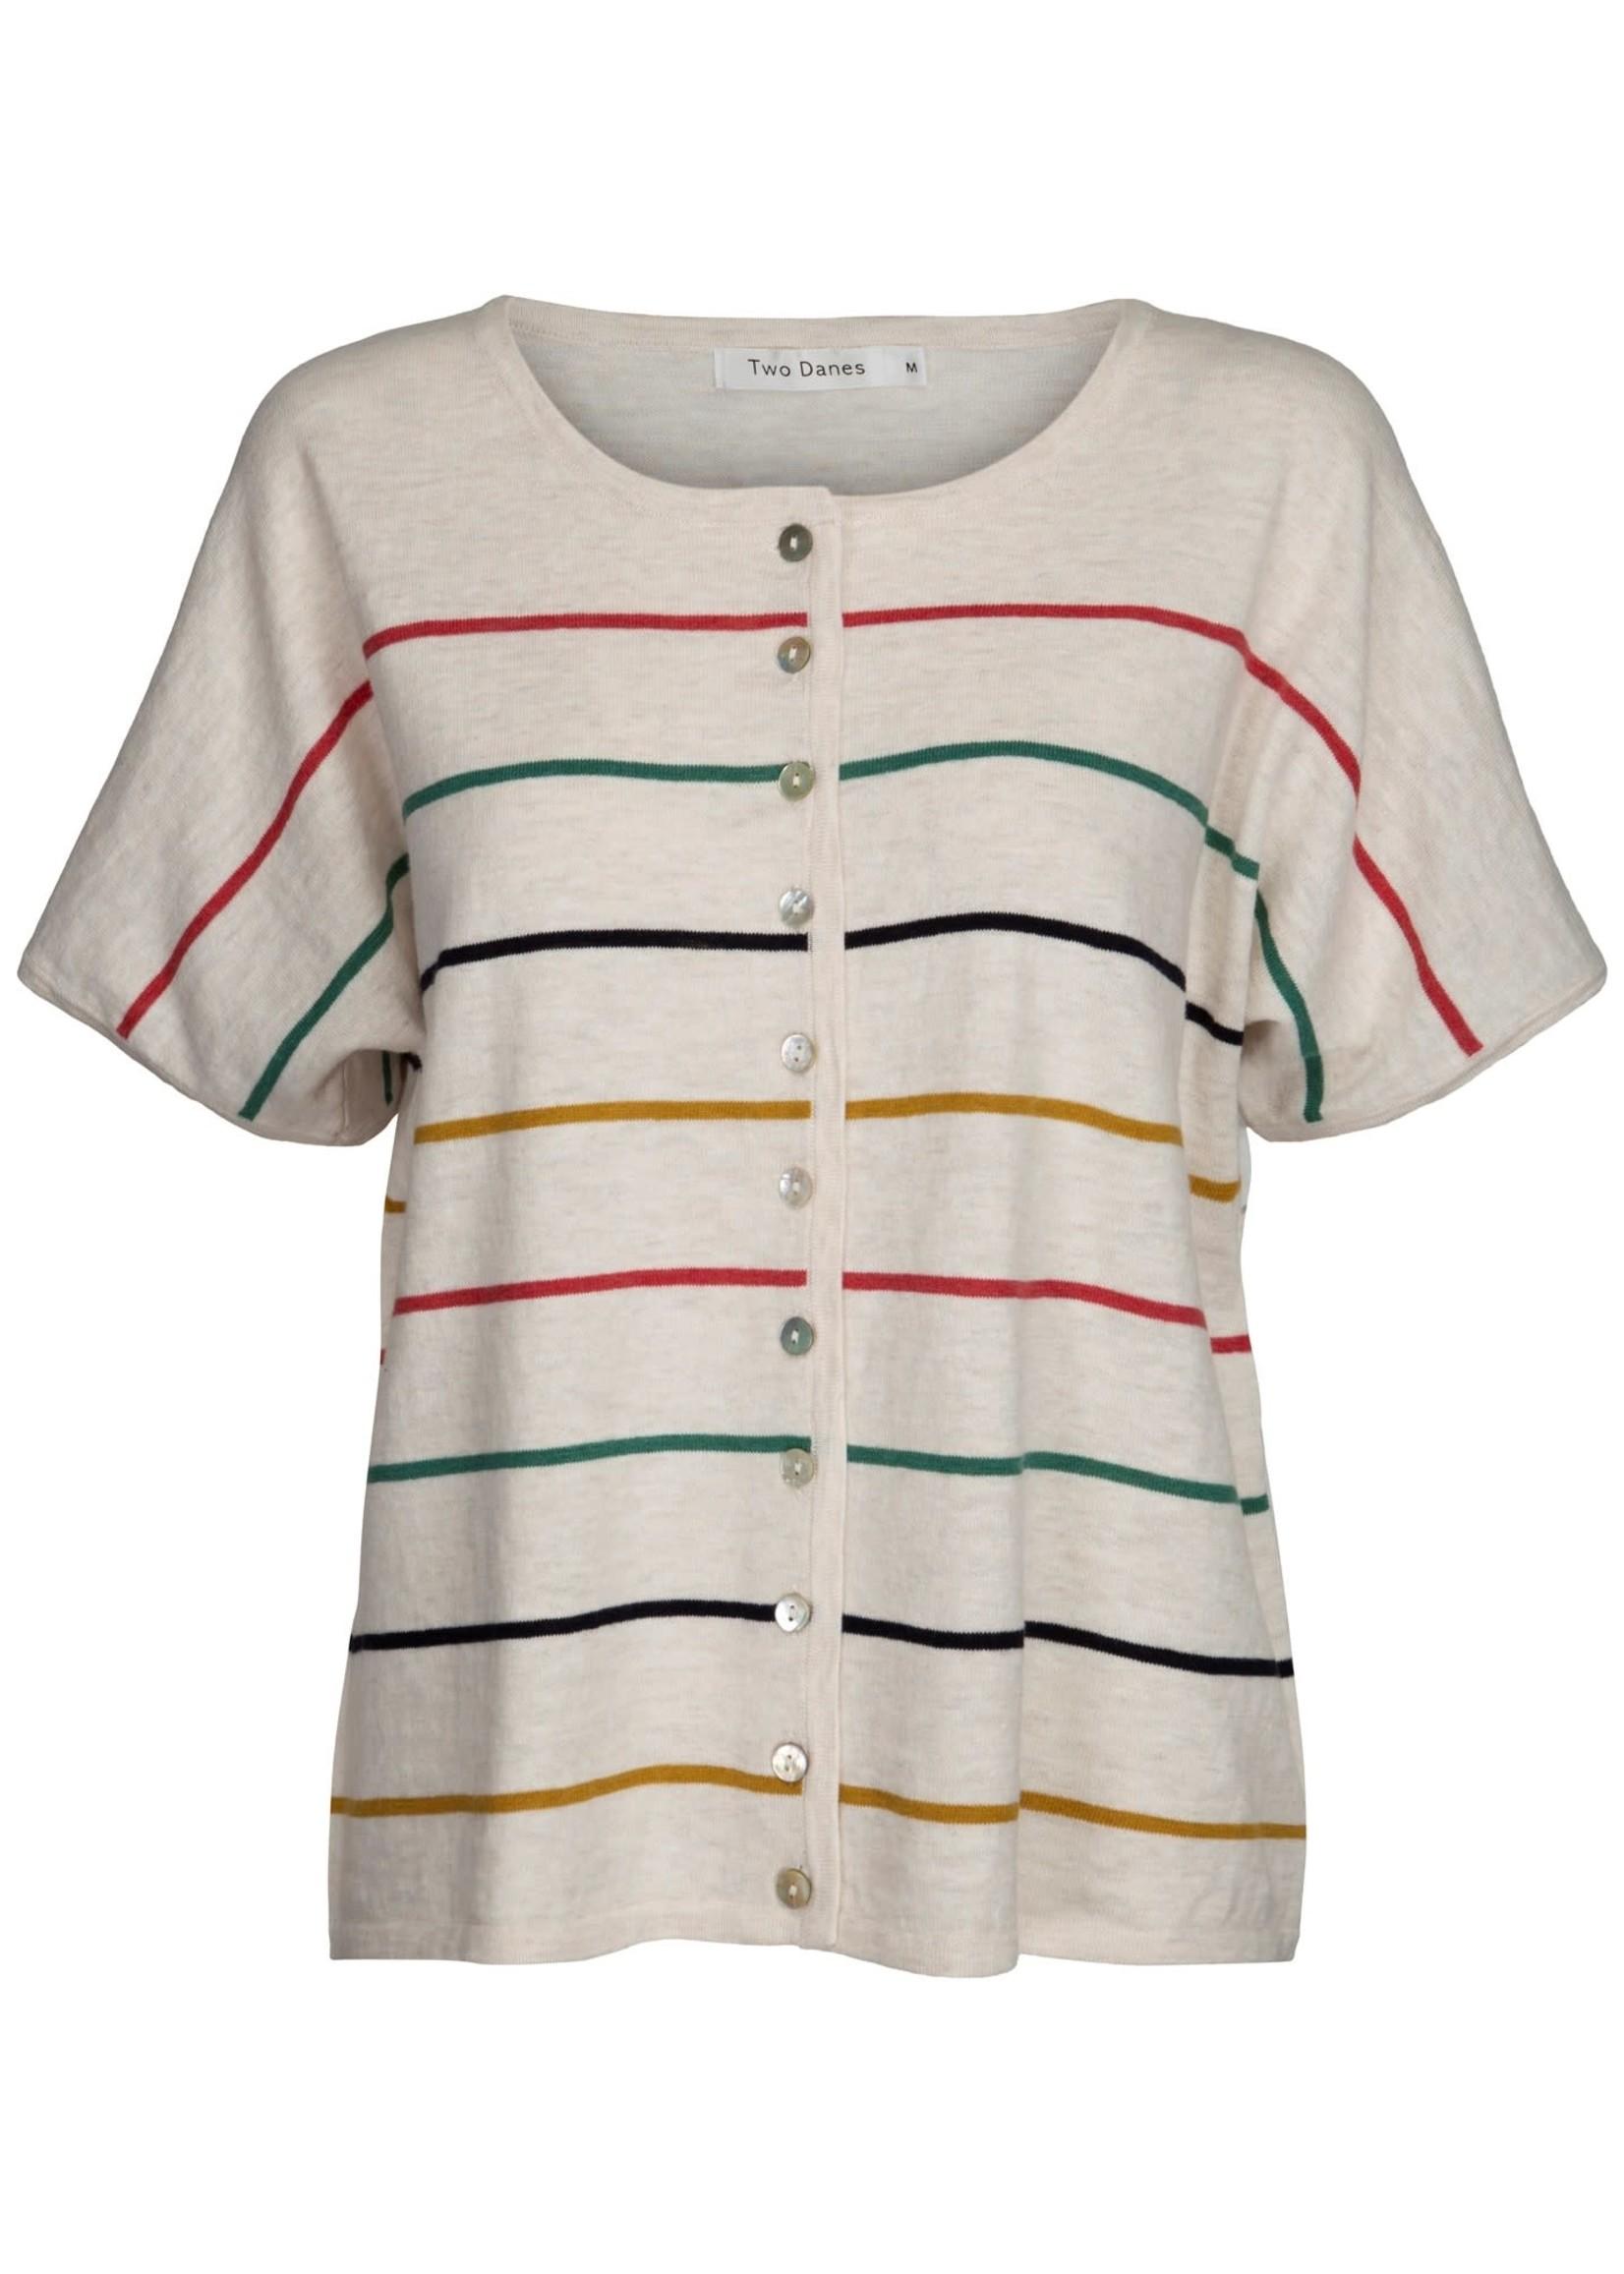 TWO DANES 35093 Ketty Cotton stripe Top